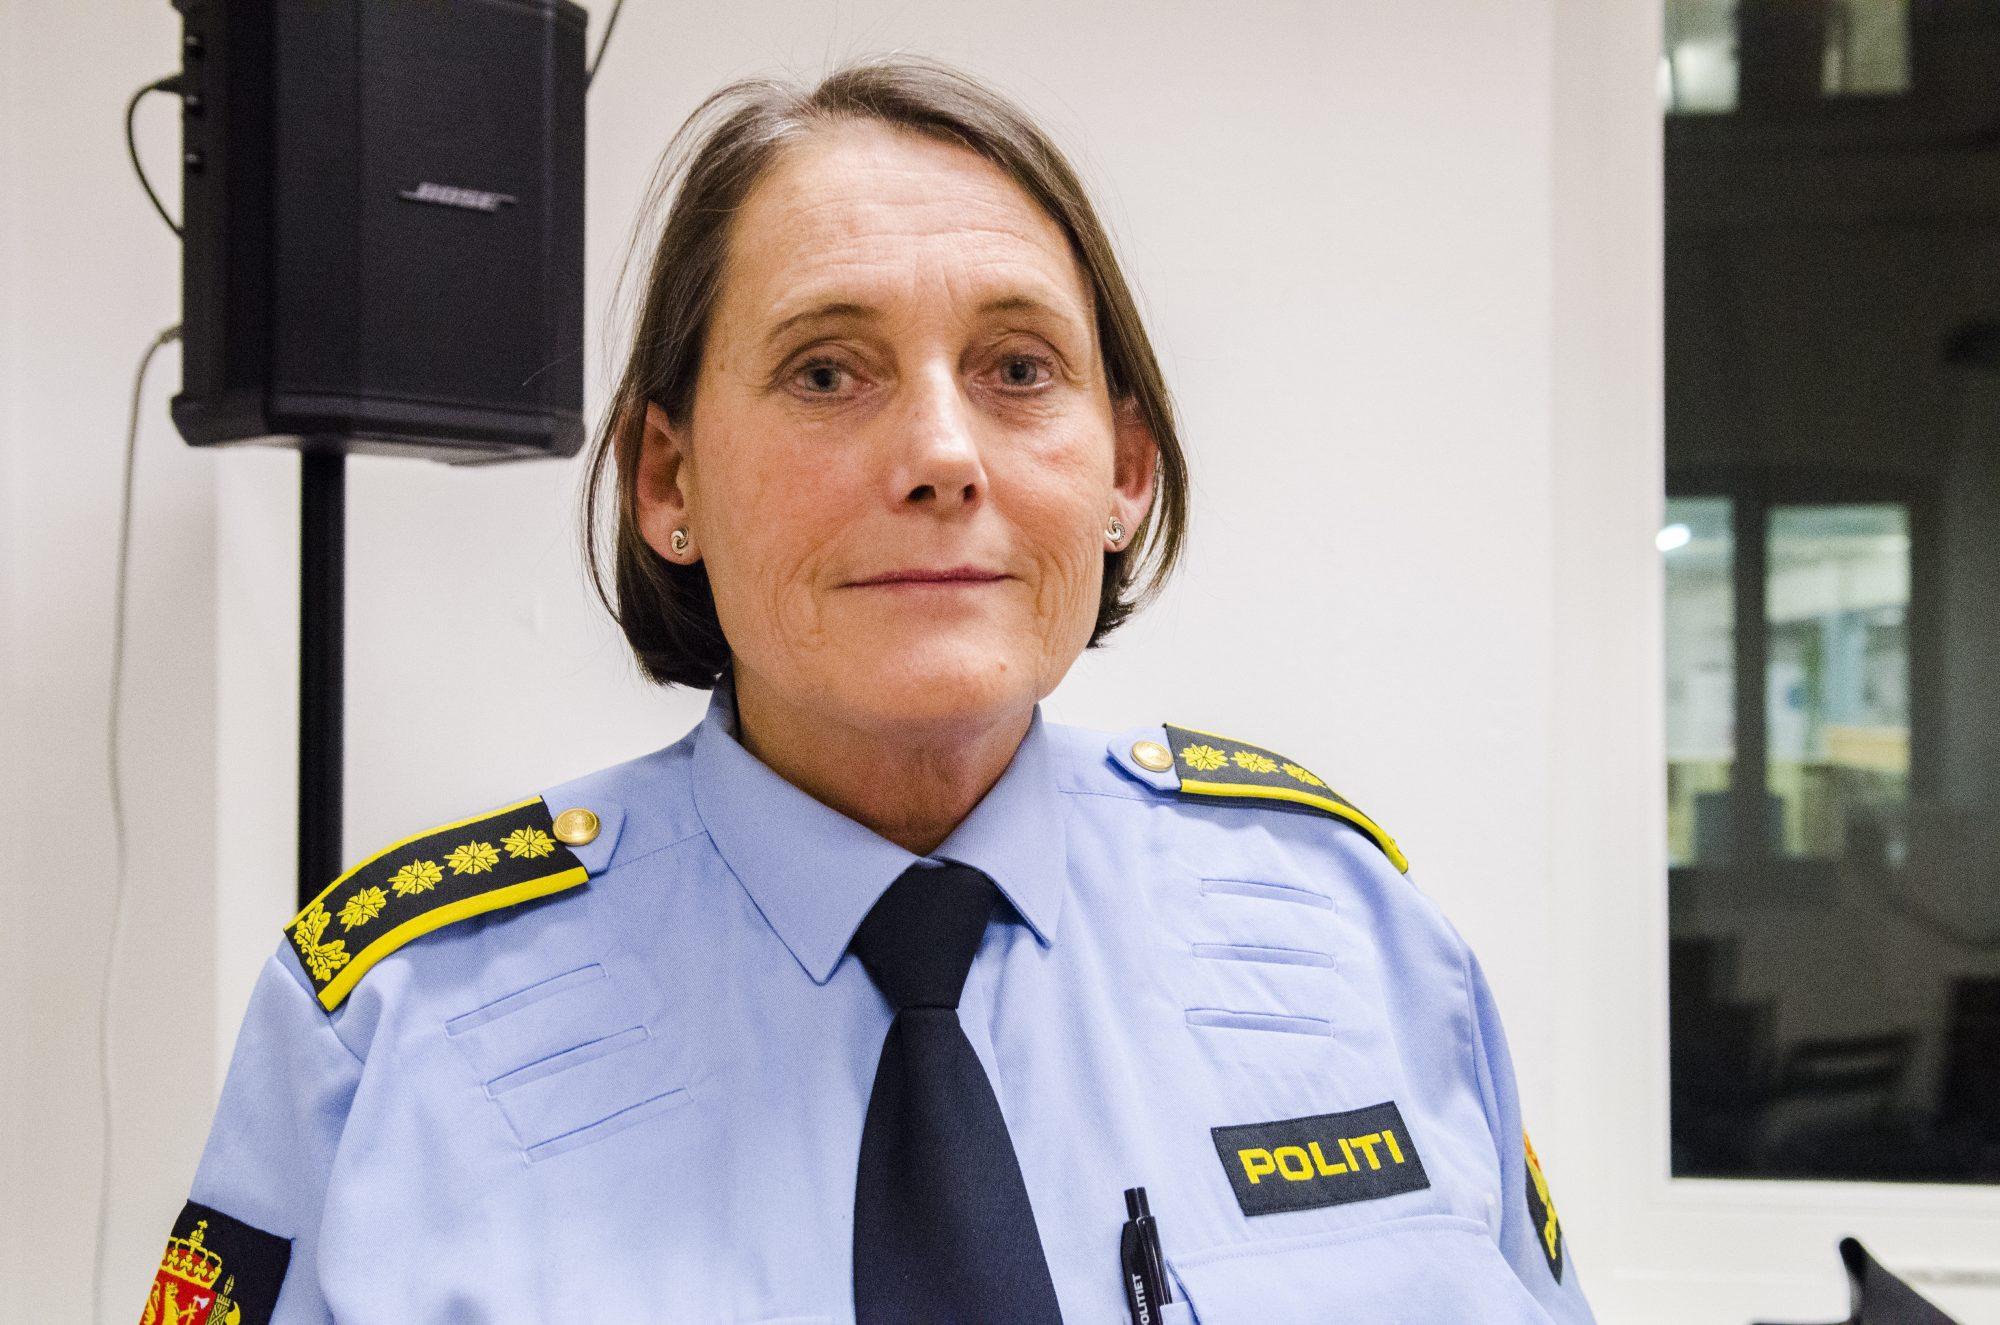 Leiar for førebyggjande eining i Sør-Aust politidistrikt, Nina Karstensen Bjørlo, var i 2005 med å etterforska dei første sakene der nokon vart domfelt for tvangsekteskap. Ho etterlyser forbod òg mot jomfrusjekk.